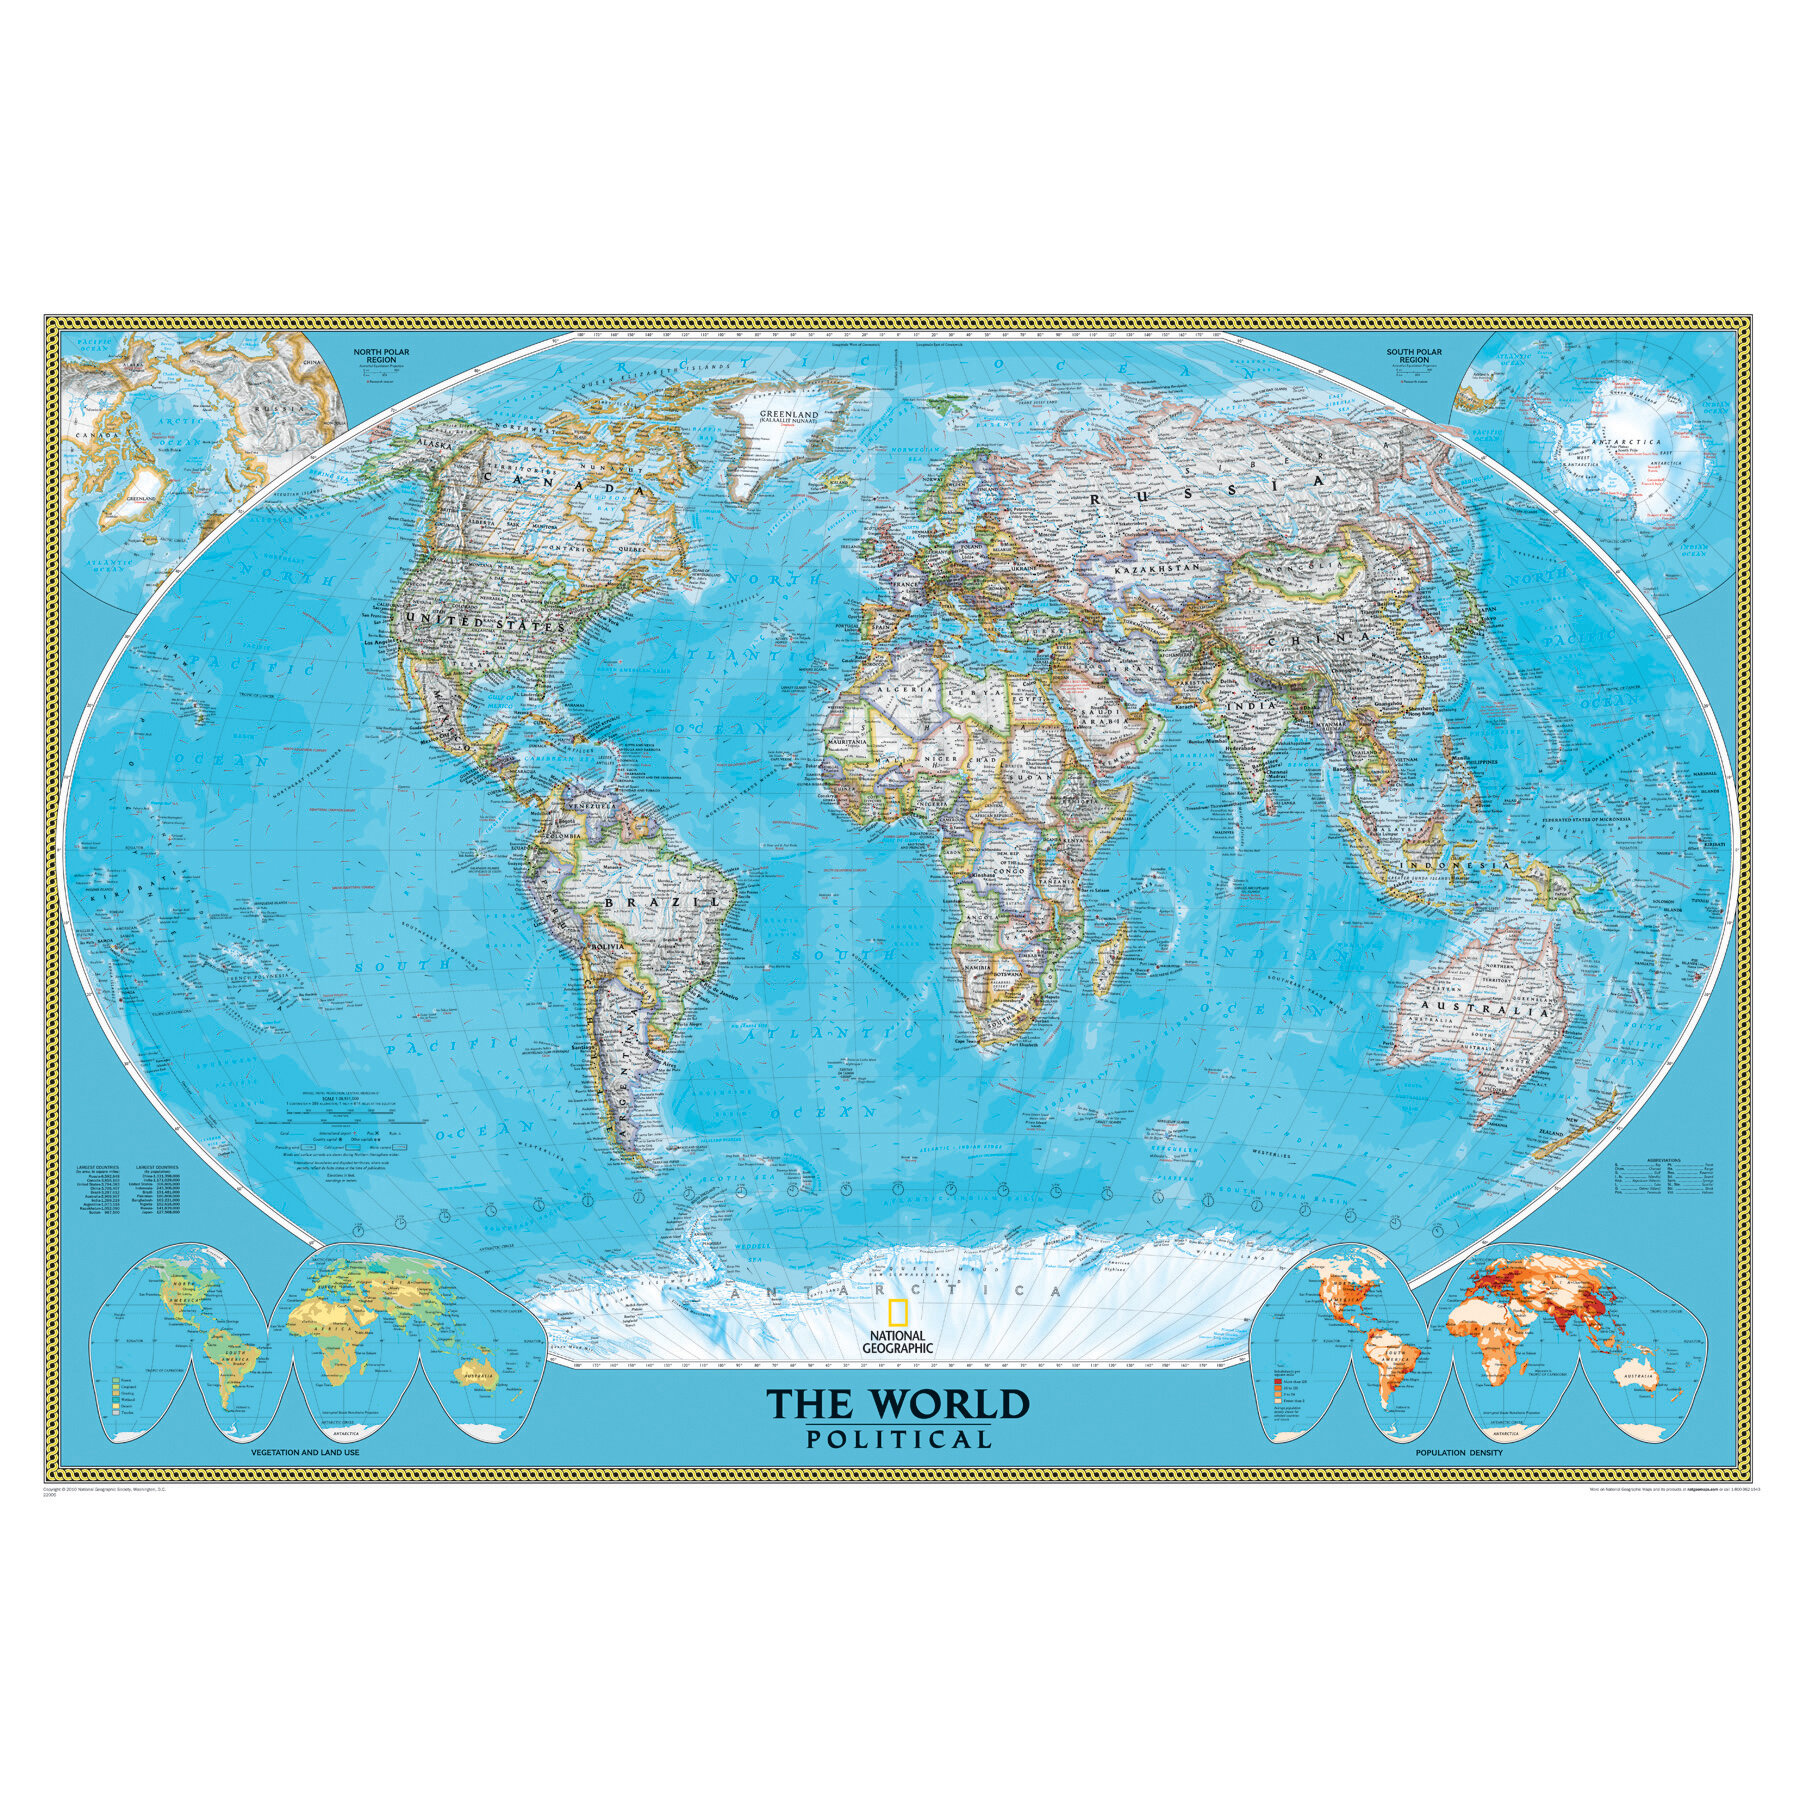 Mural Laminated World Clic Wall Map, 76